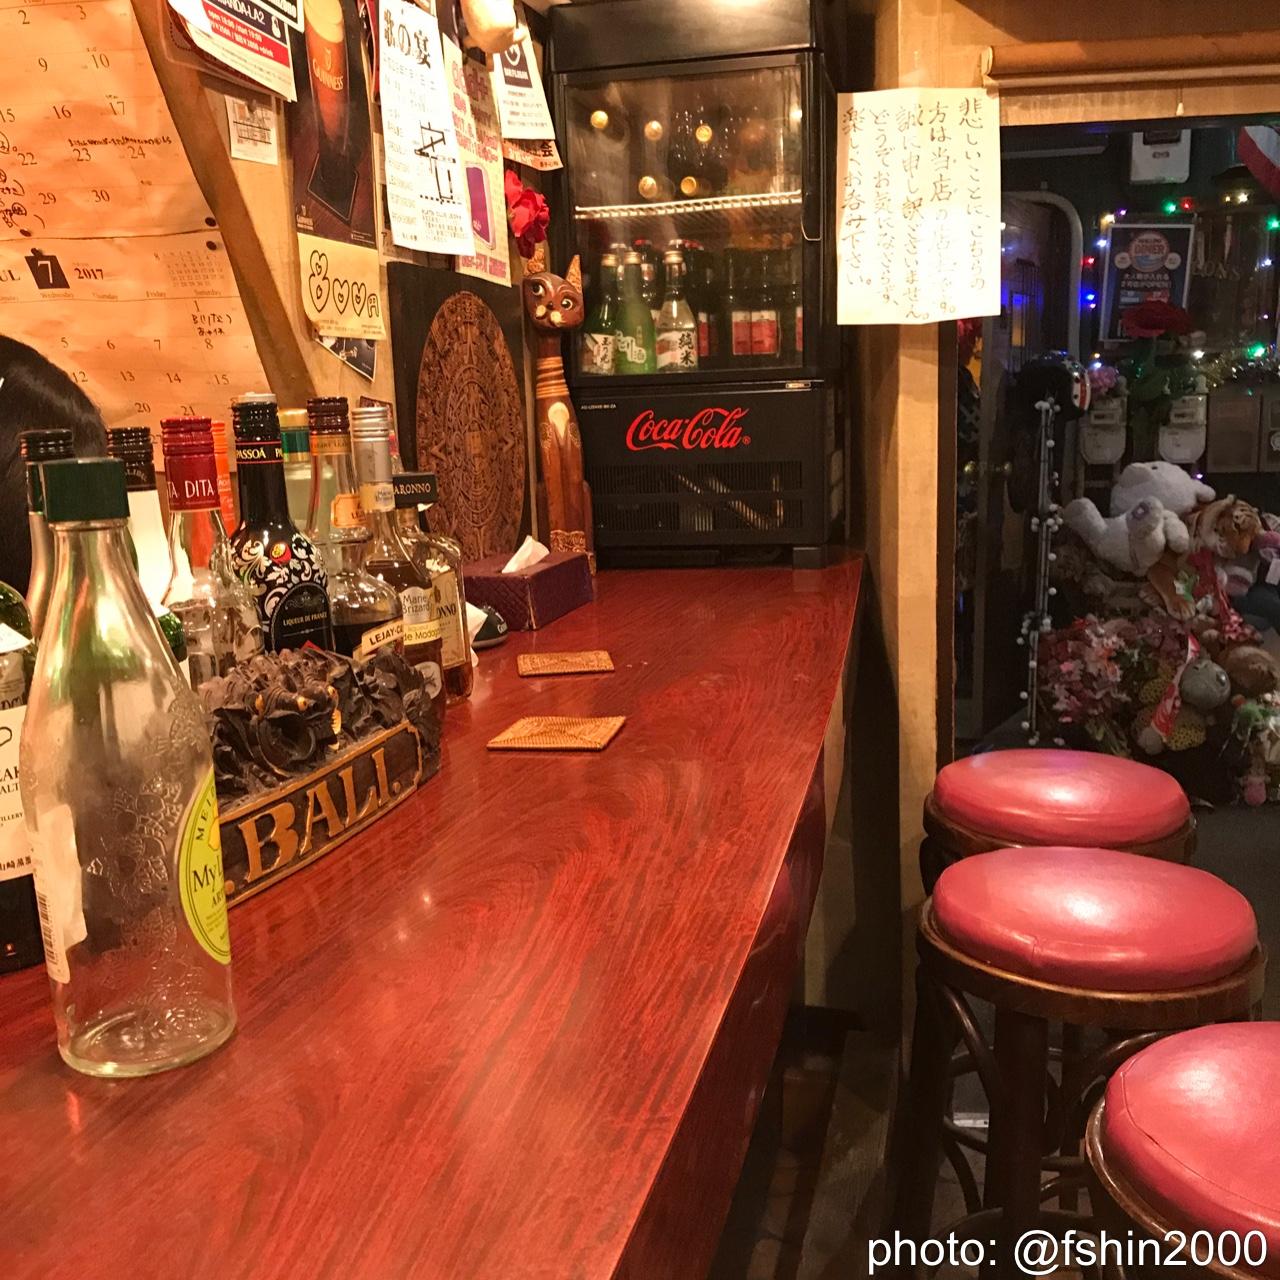 Bar Bali 新宿ゴールデン街 三番街 - バー>